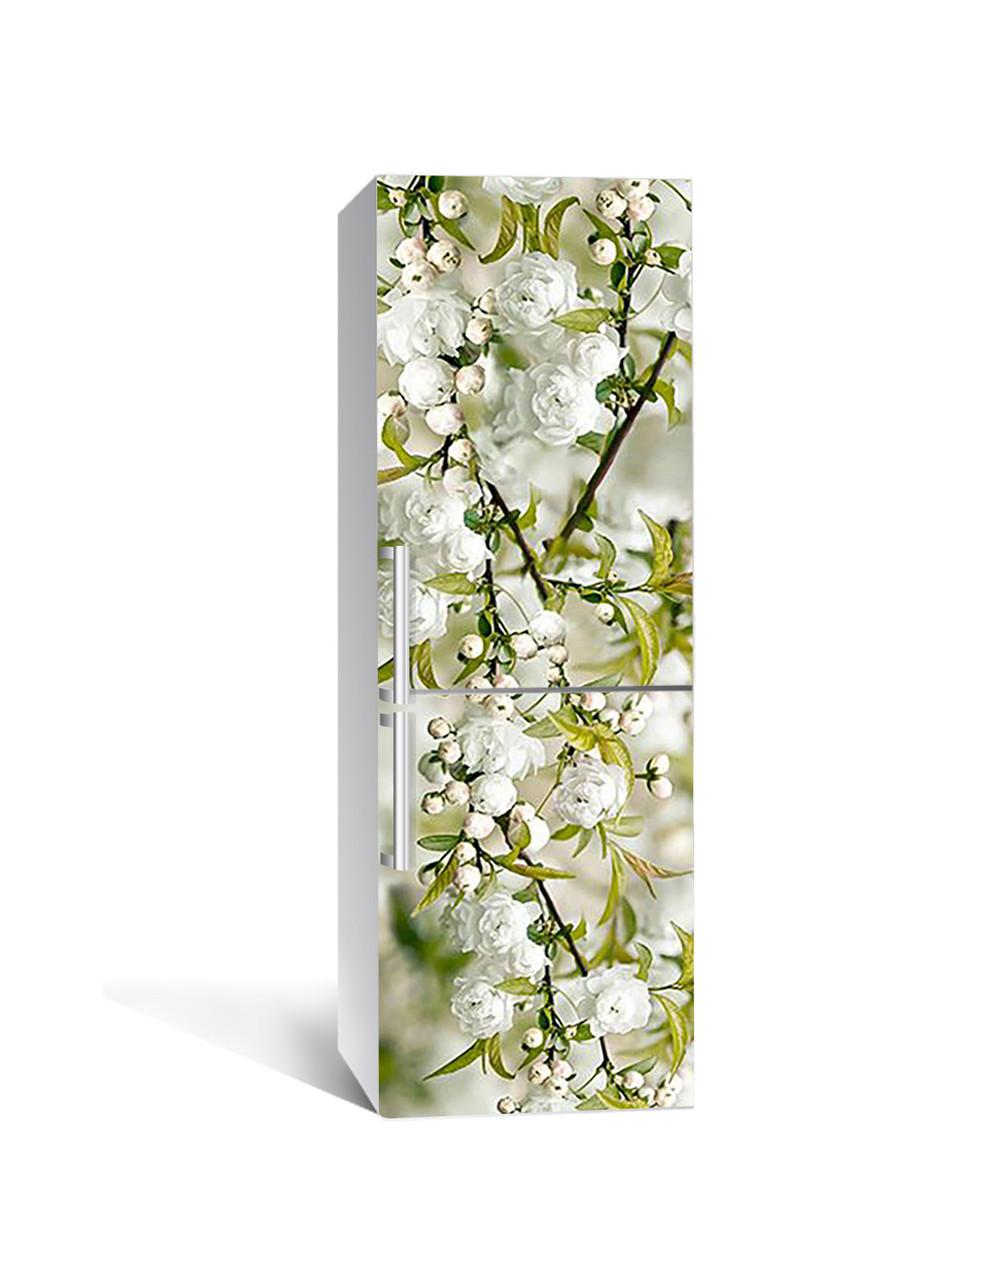 Інтер'єрна наклейка на холодильник Біла Сакура вінілова плівка самоклеюча квітучі гілки вишні Зелений